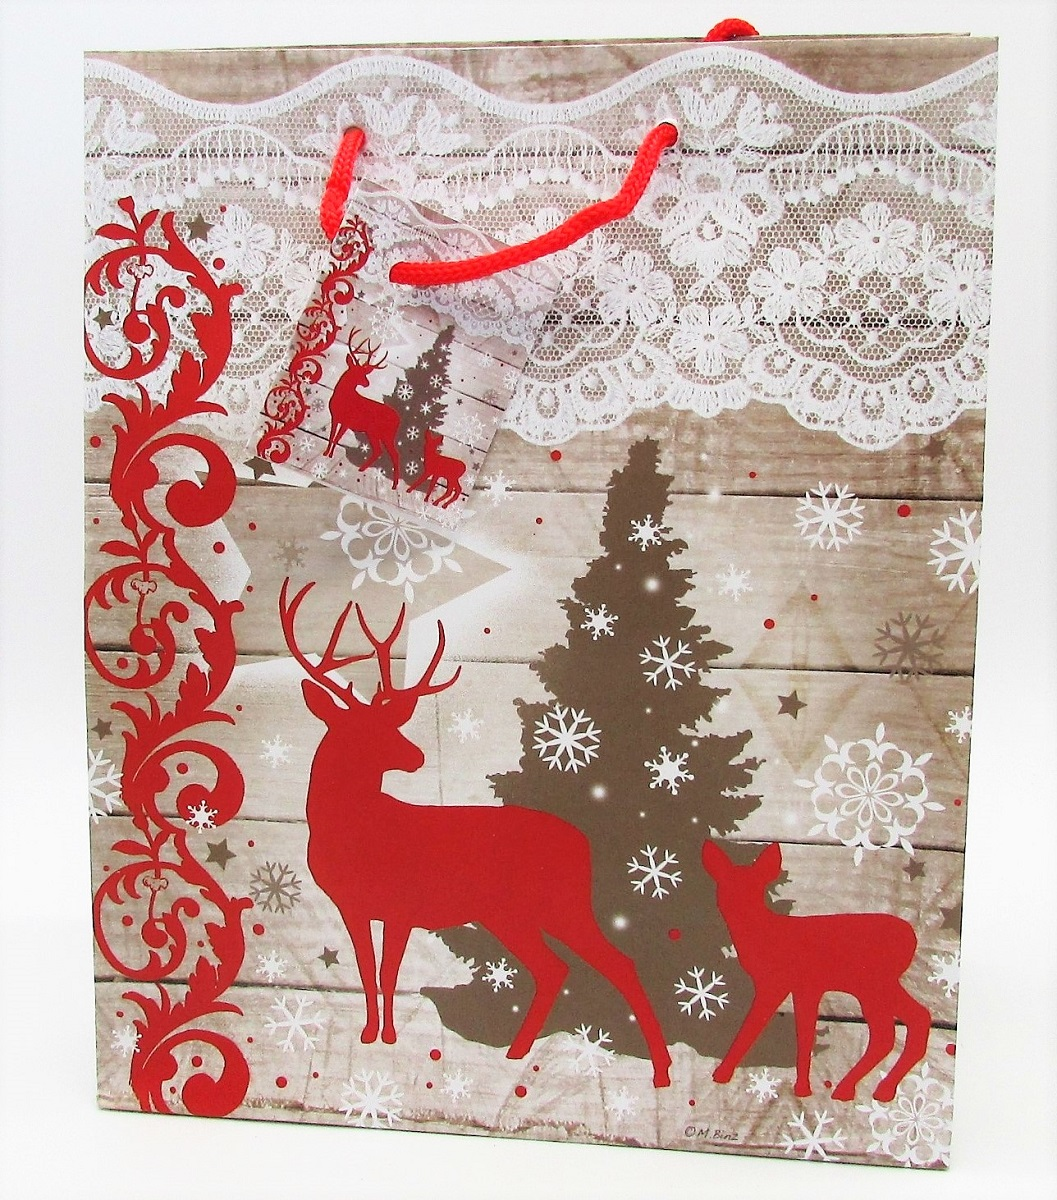 24 geschenkt ten rentier weihnachten tanne 18 x 10 x 23 cm. Black Bedroom Furniture Sets. Home Design Ideas